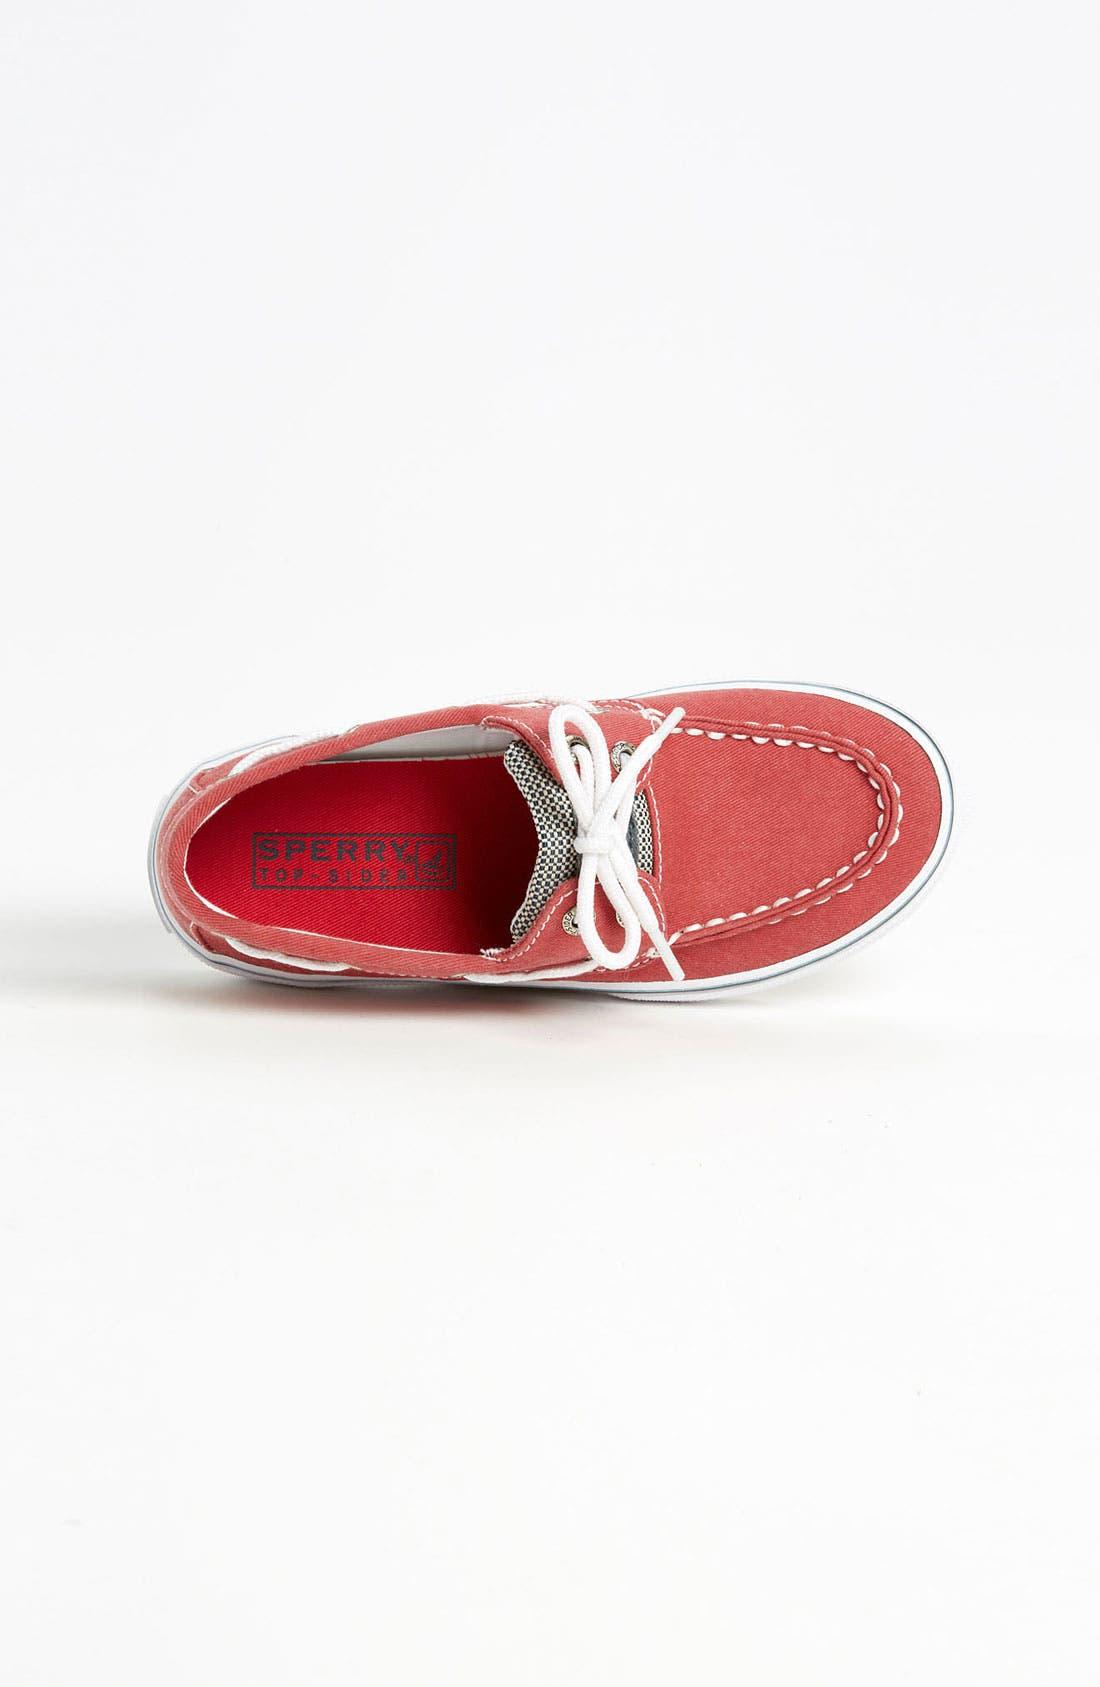 Alternate Image 3  - Sperry Top-Sider® Kids 'Halyard' Boat Shoe (Walker, Toddler, Little Kid & Big Kid)